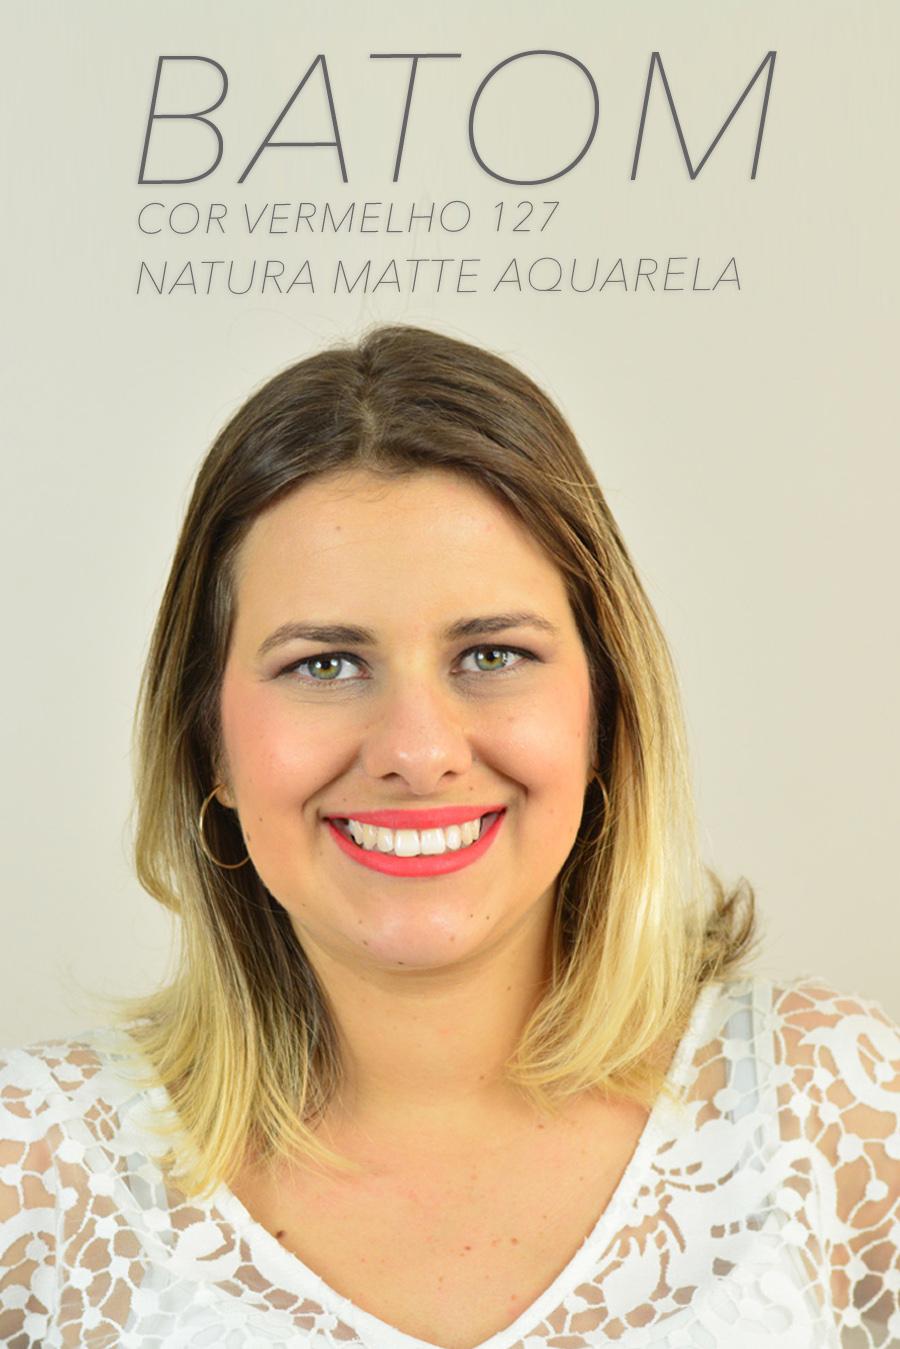 Novos Batons Natura Aquarela Matte - Cor Vermelho